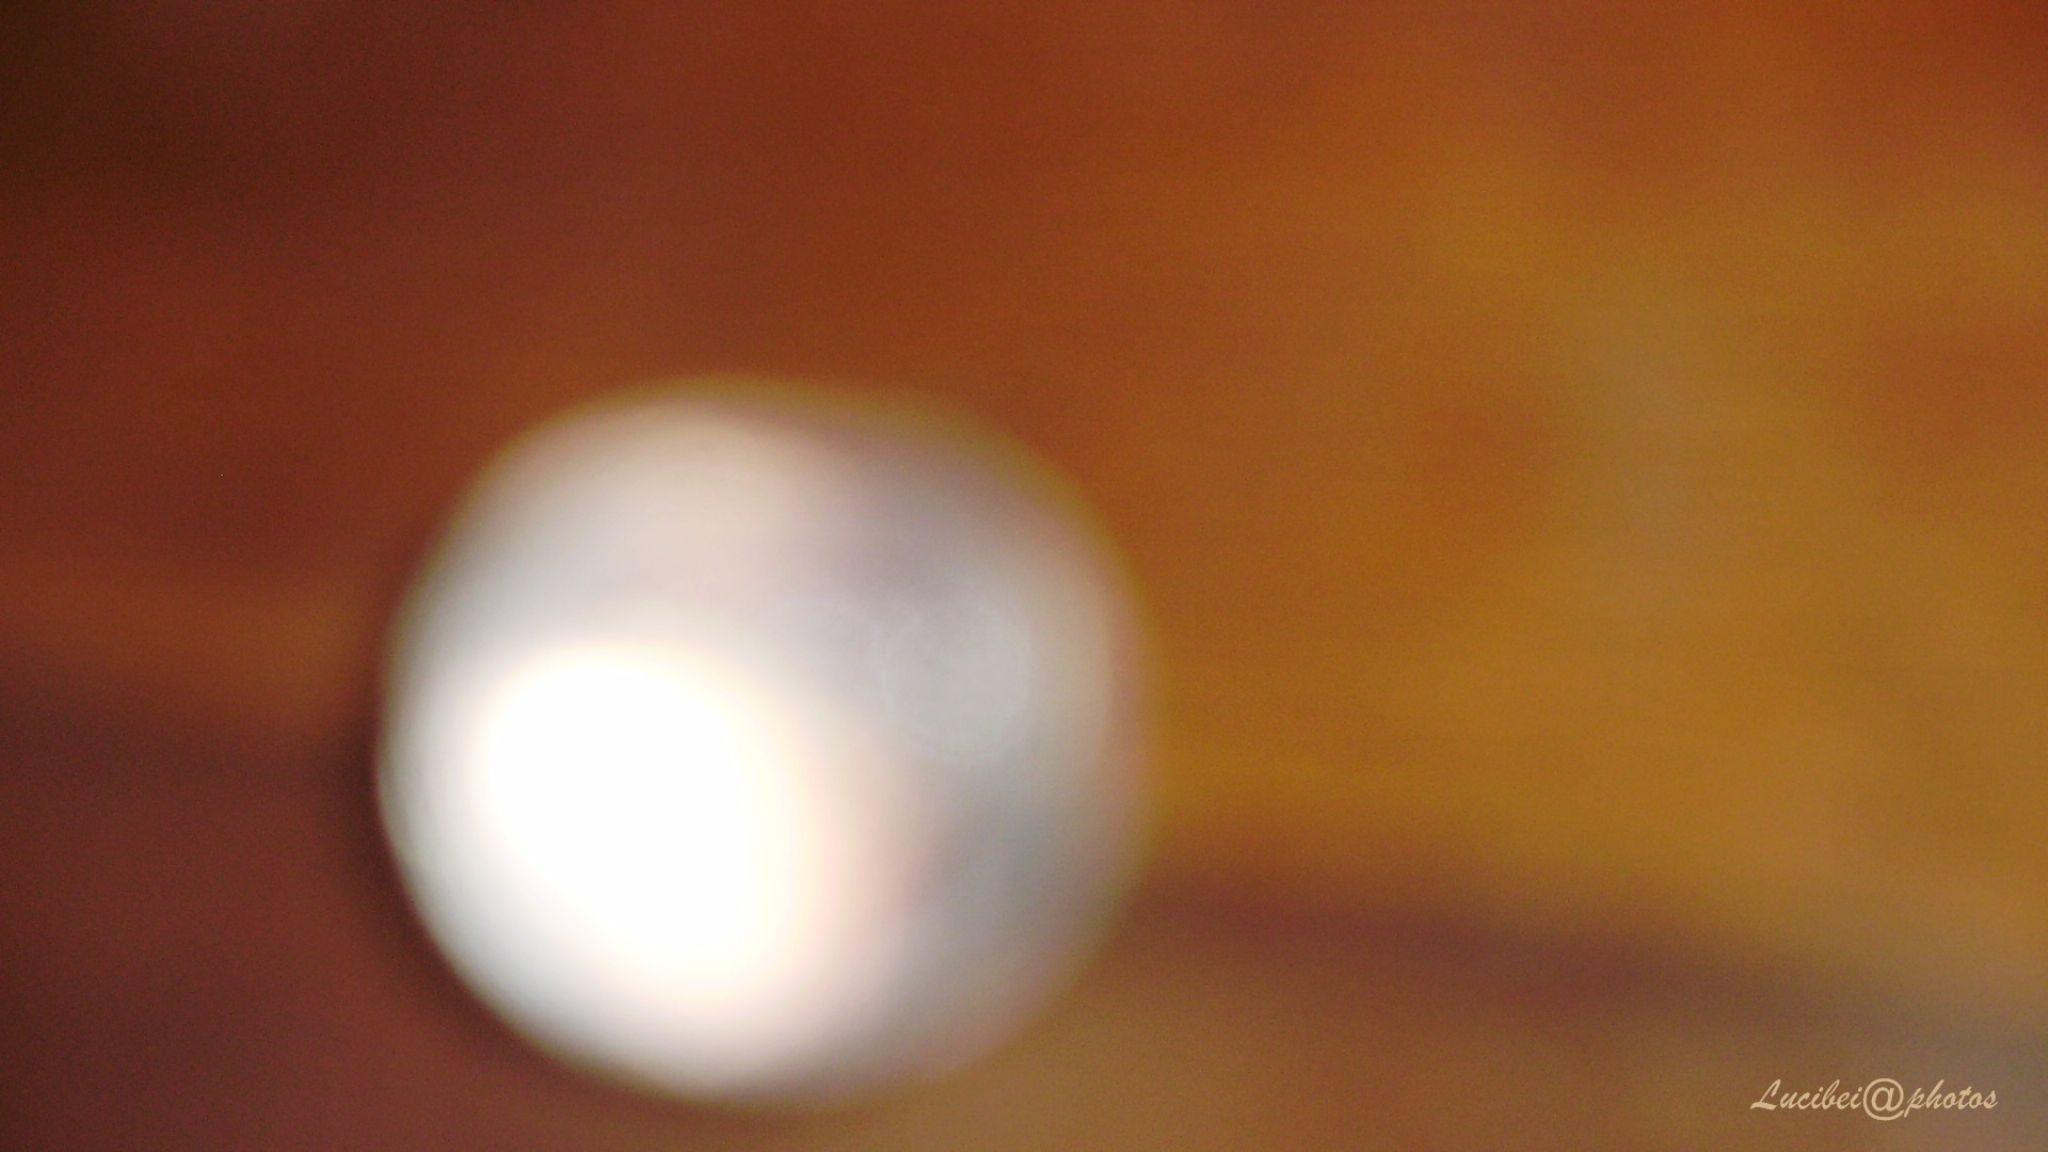 Pearl by lucia.ribeiro.33